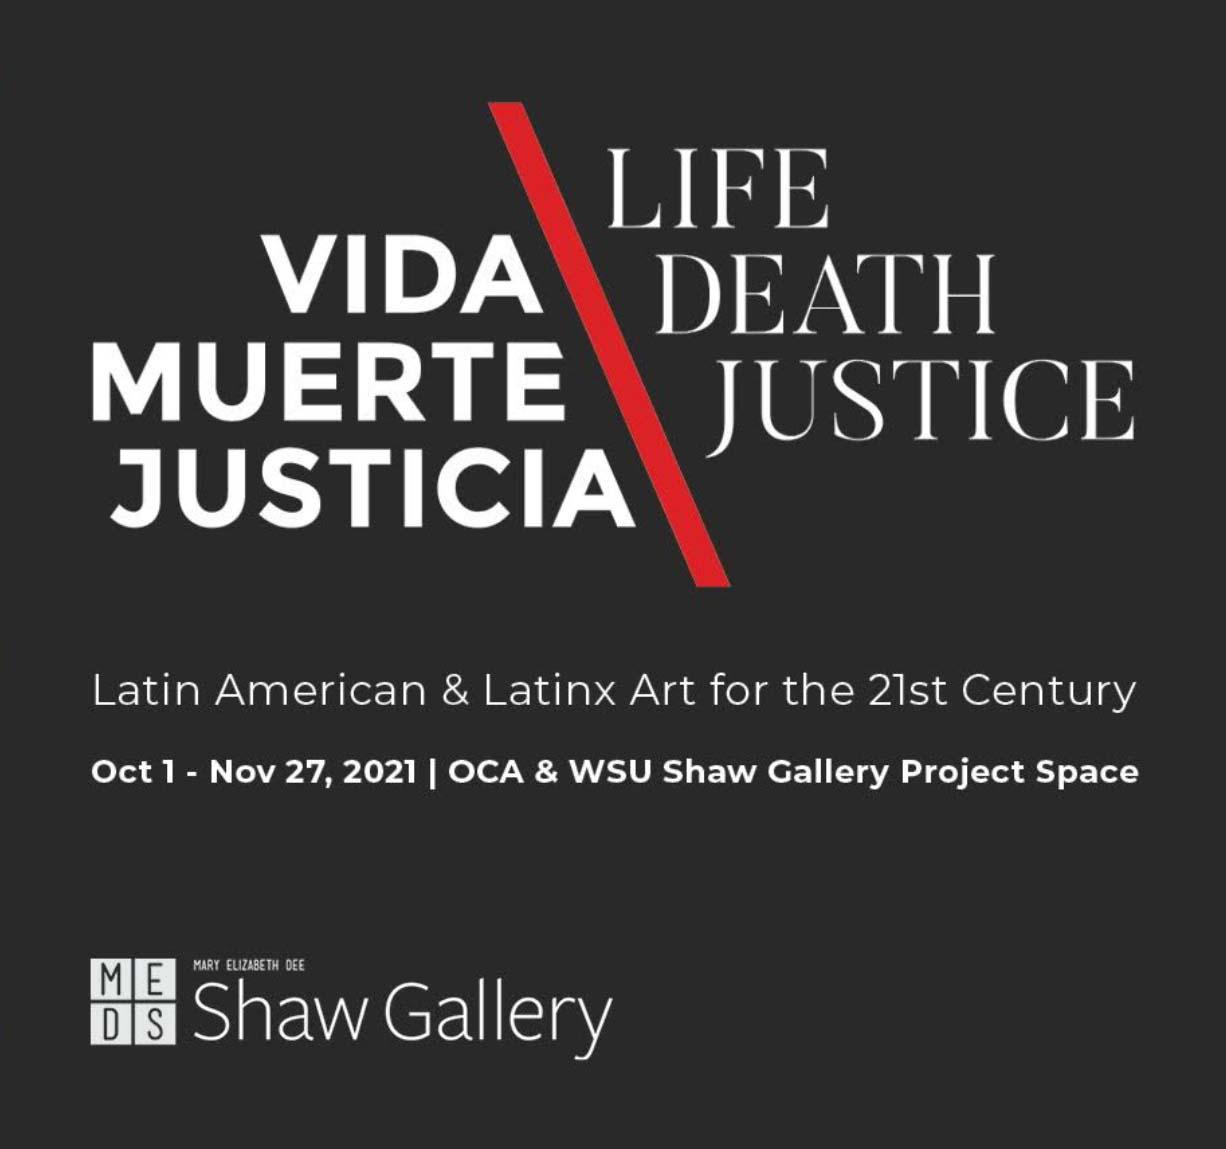 Vida, Muerte, Justica. – Life, Death, Justice